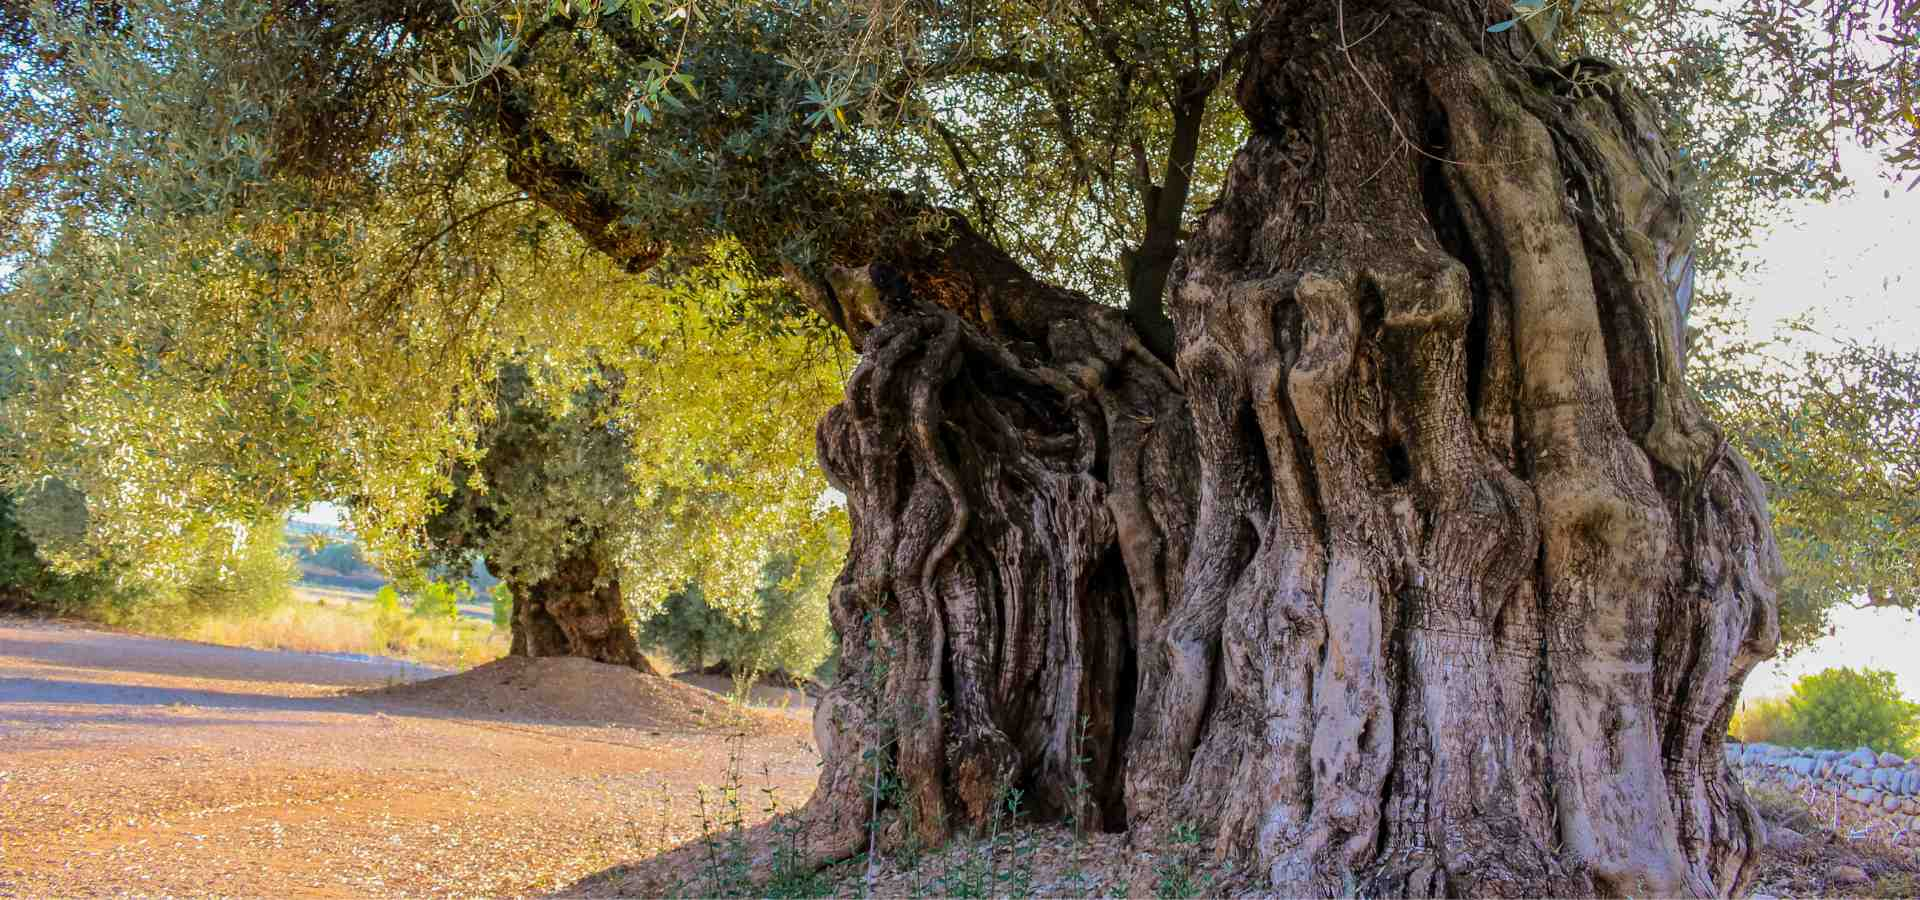 Olivos milenarios 2000 años farga